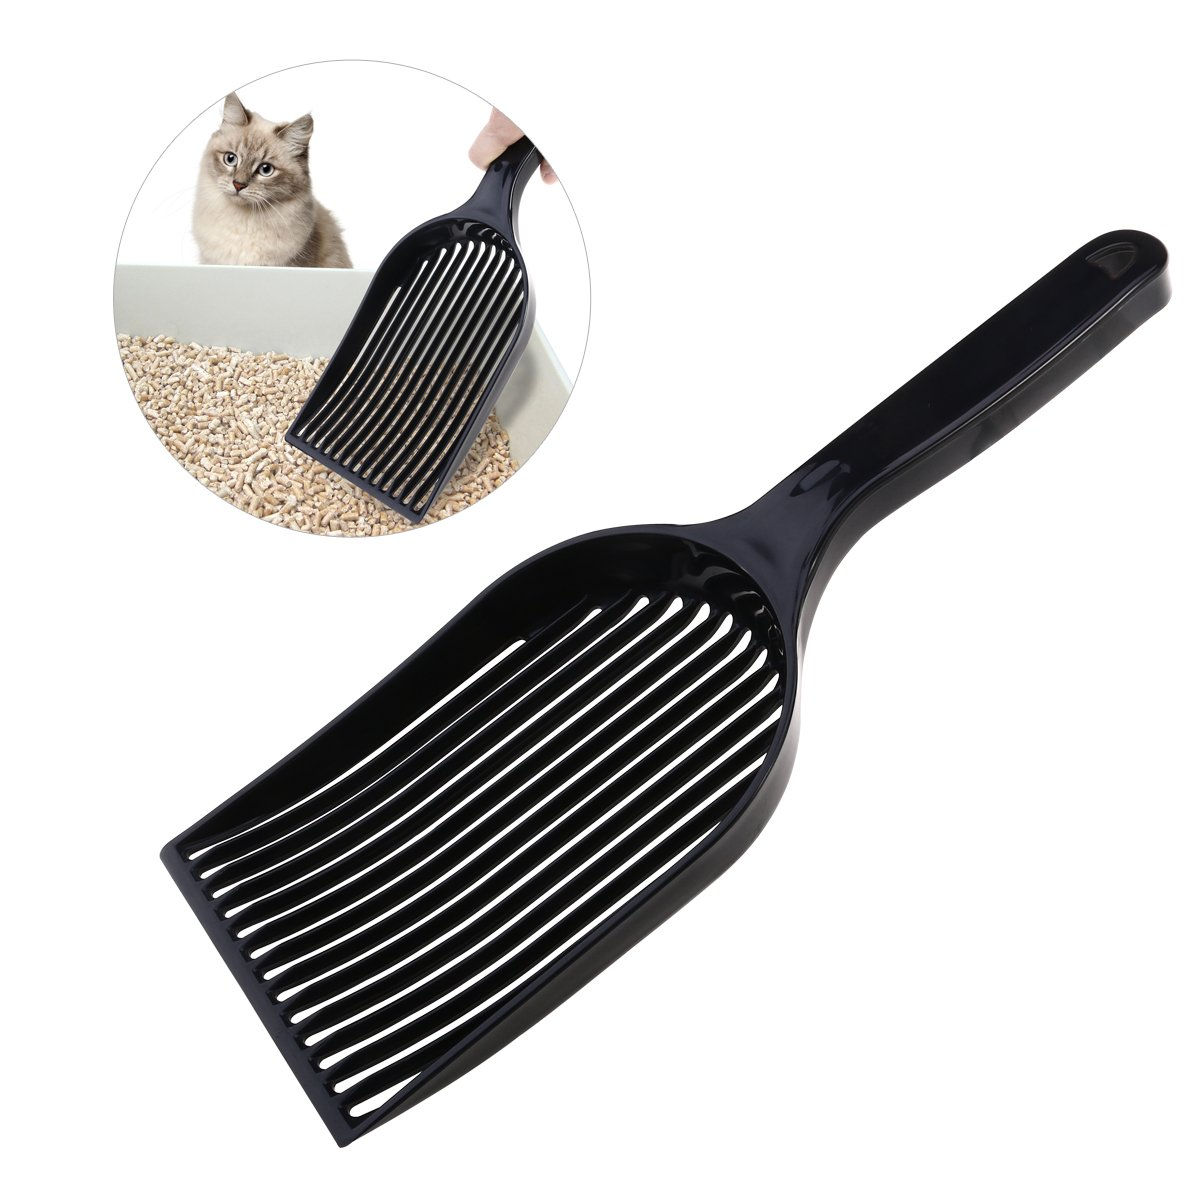 UEETEK Cat Litter Scoop, Large Pet Kitty Dog Litter Box Cleaner Shovel Durable Plastic Sifter Shovel (Black)